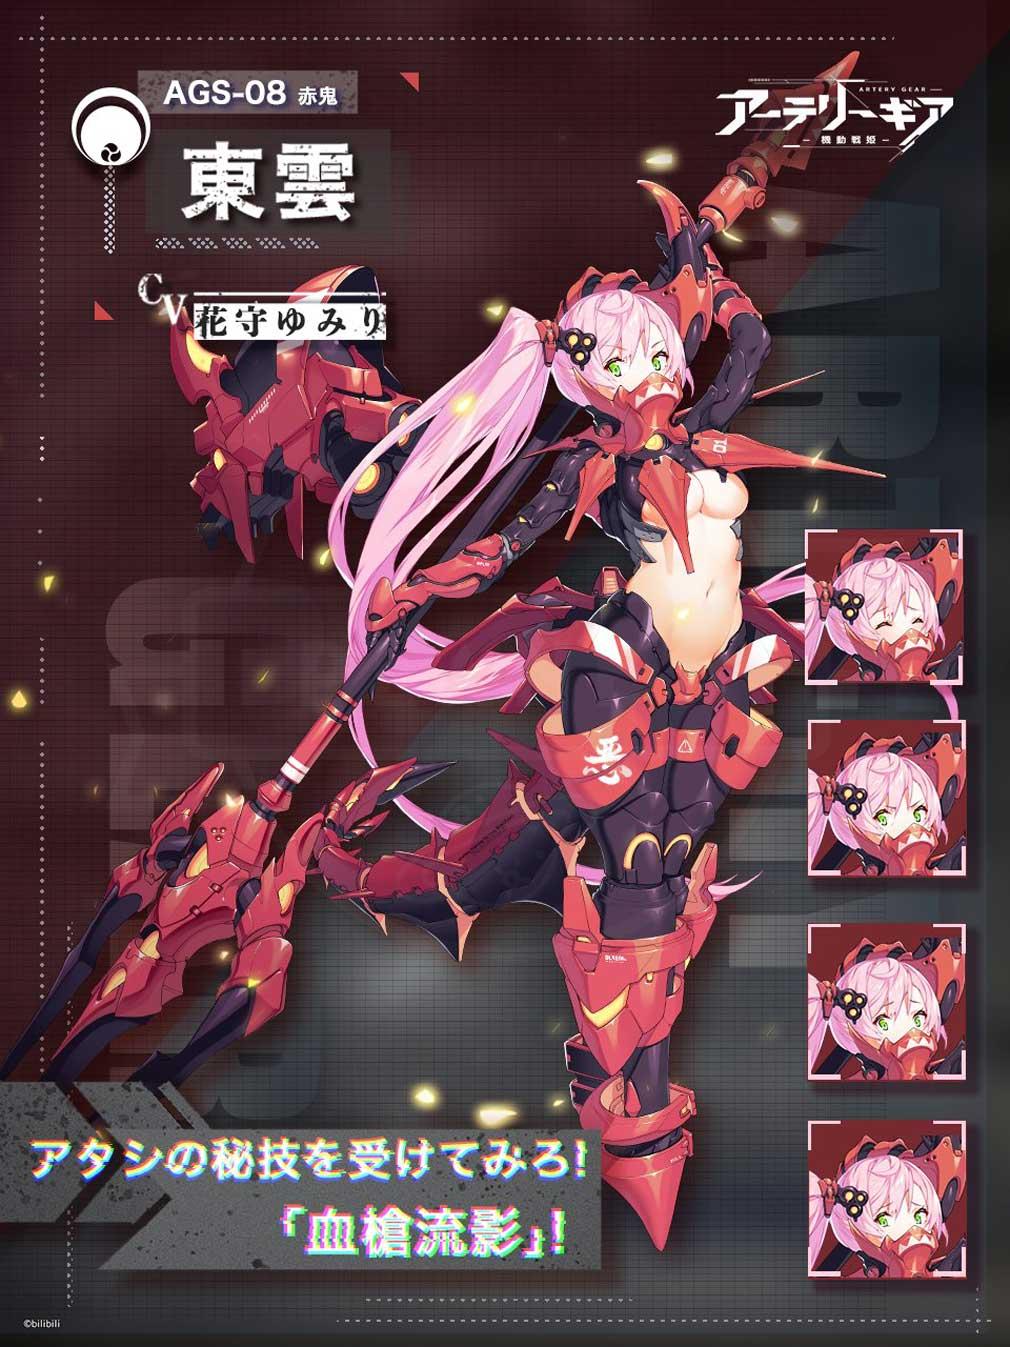 アーテリーギア 機動戦姫(アテギア) キャラクター『東雲』紹介イメージ